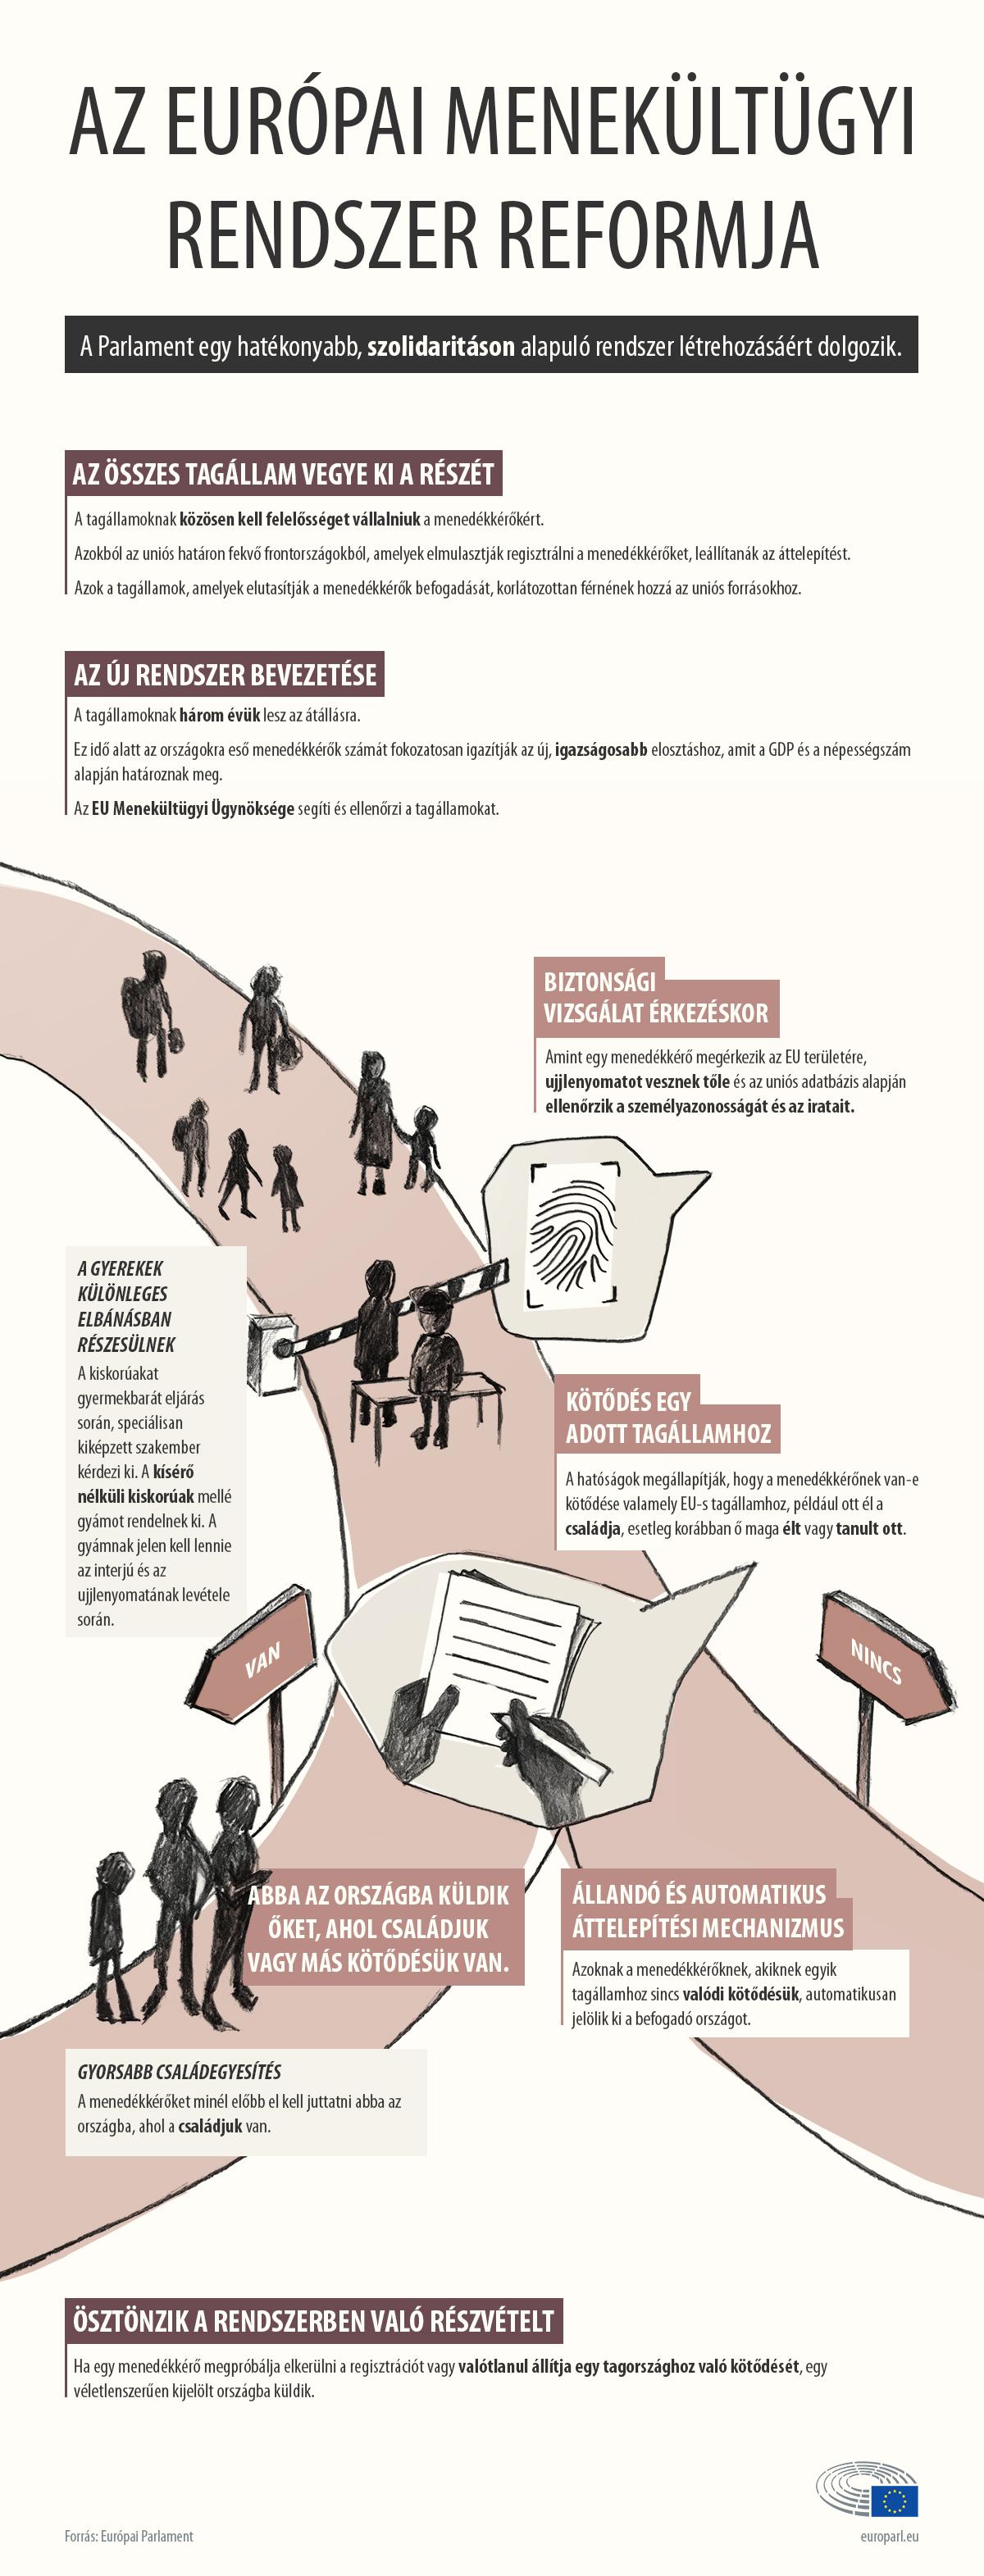 osztályozza a menedékjogi rendszereket